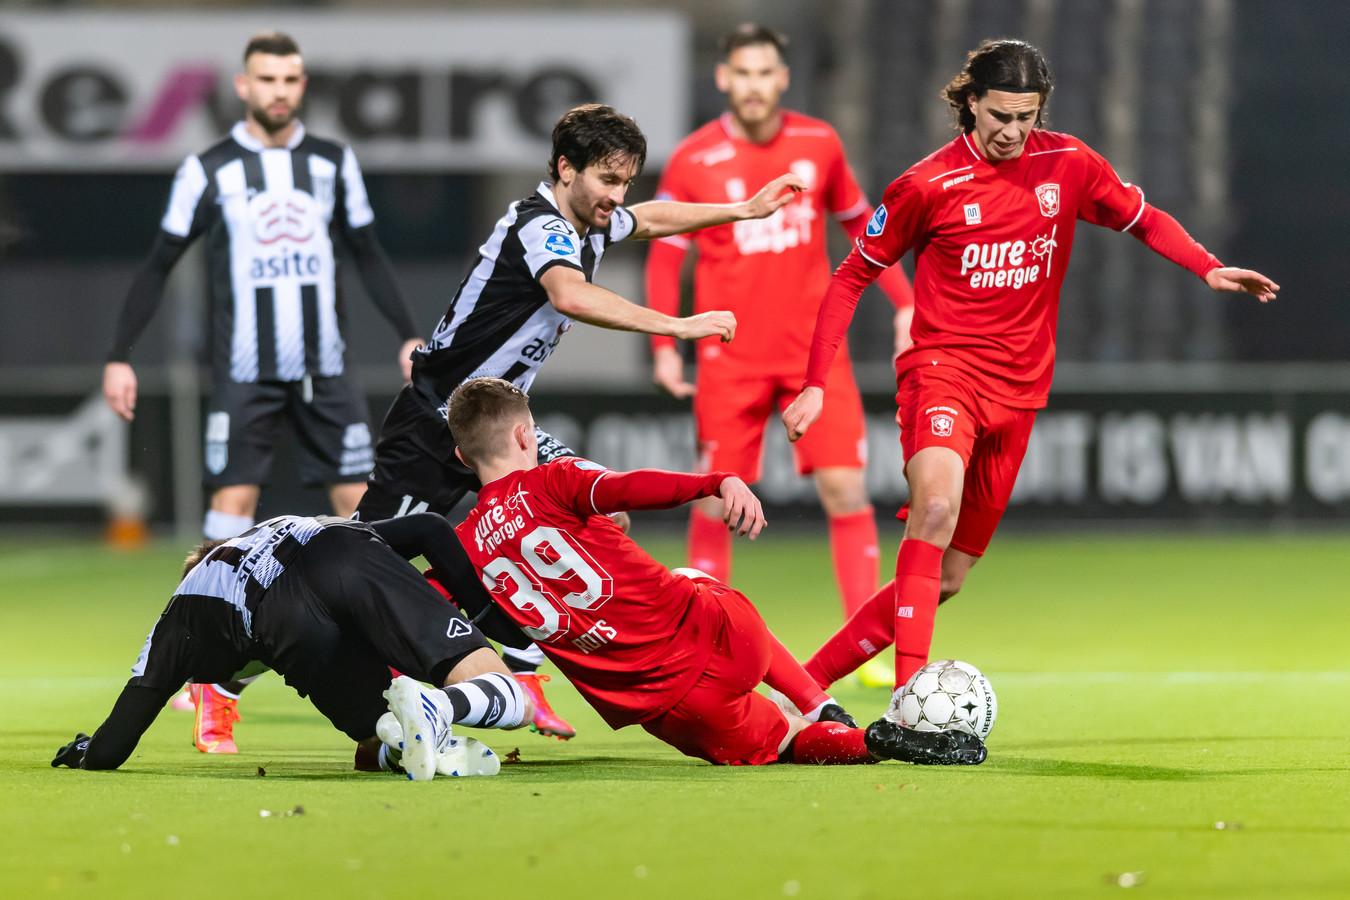 Lucas Schoofs, Luca de la Torre (beiden Heracles) en Daan Rots en Ramiz Zerrouki (beiden FC Twente) tijdens de derby van het Oosten.